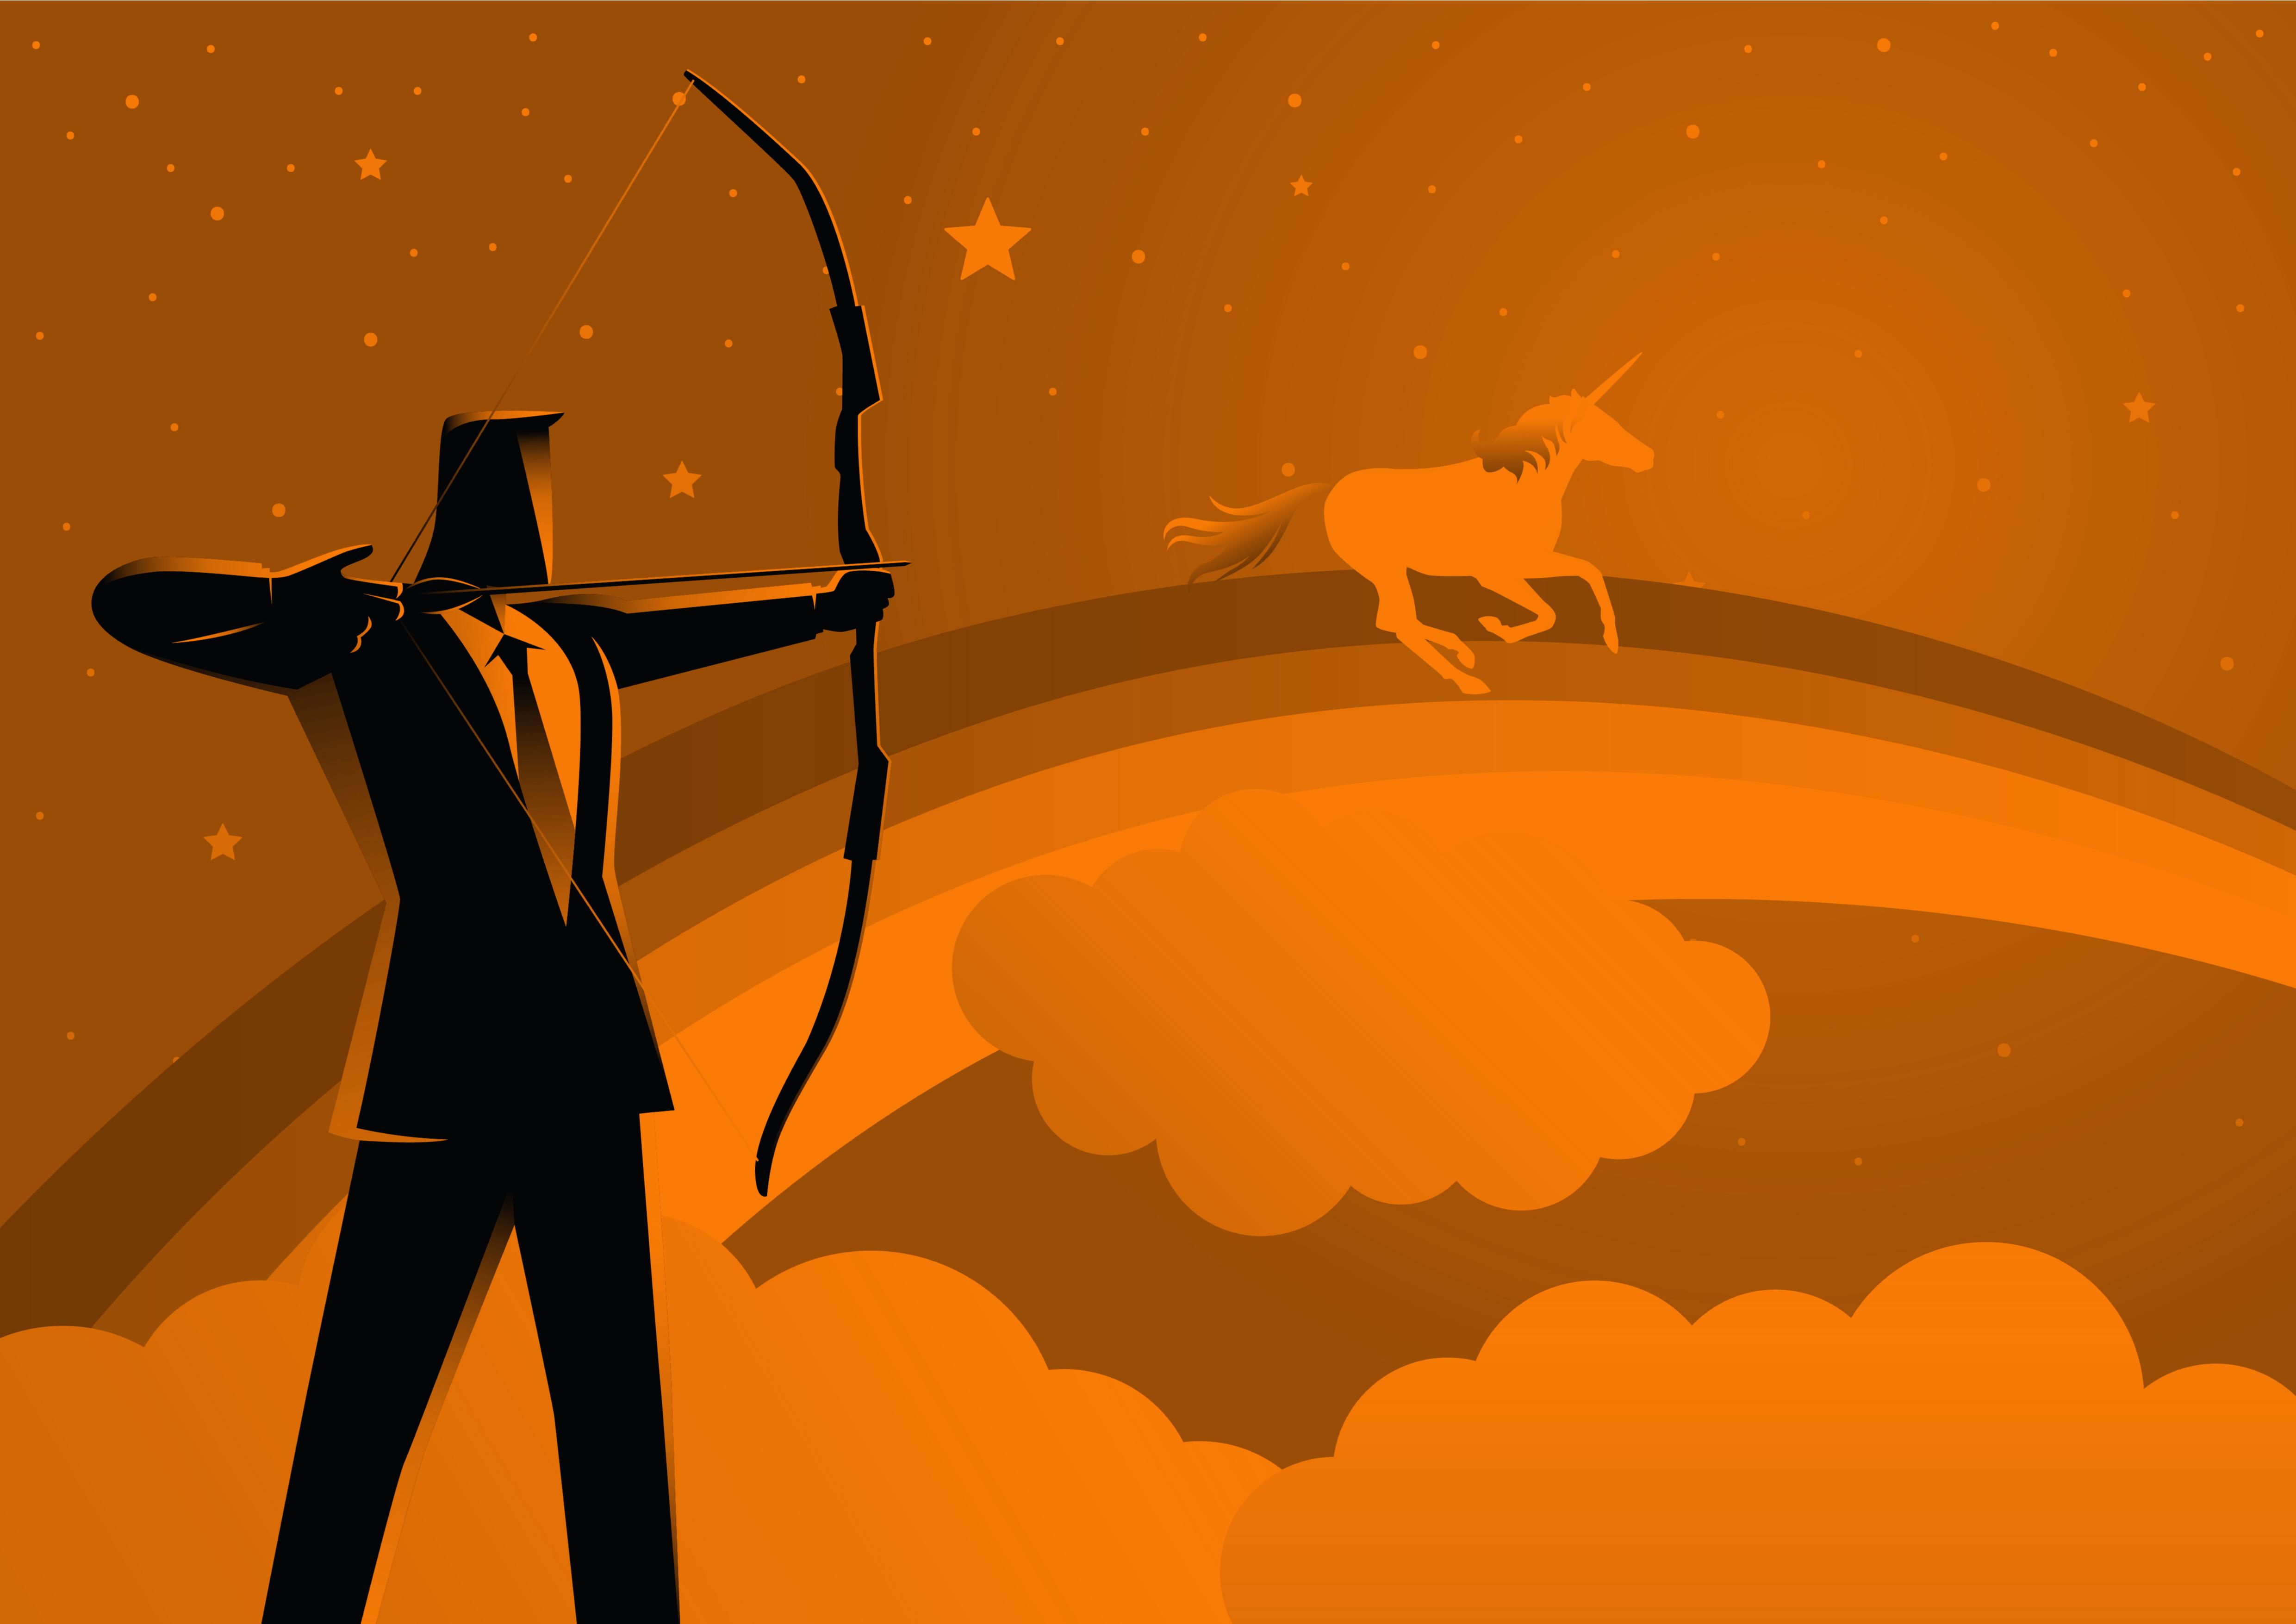 Los unicornios ya no son los únicos, conoce las nuevas startups que están revolucionando el mundo